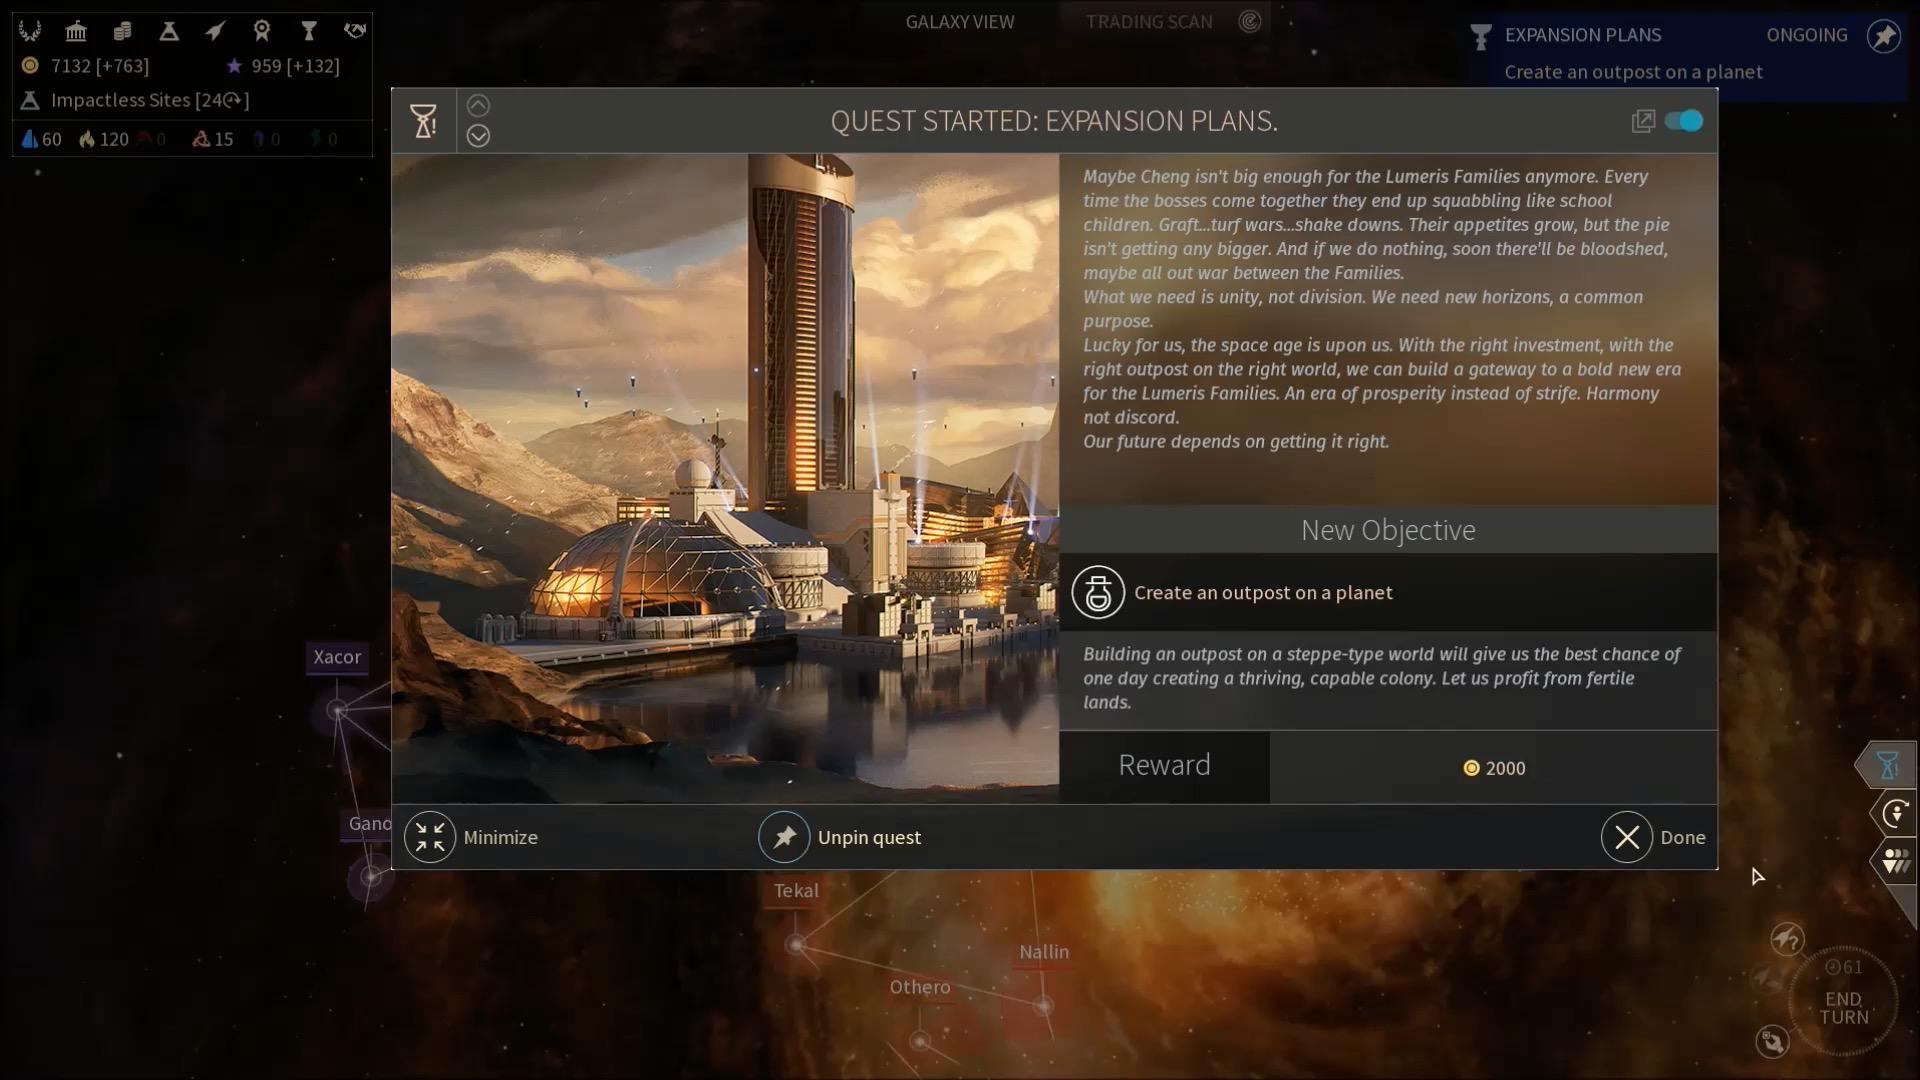 Endless Space 2 in der Vorschau: Bereits jetzt meisterlicher als Orion - Eine Quest in Endless Space 2 (Screenshot: Golem.de)